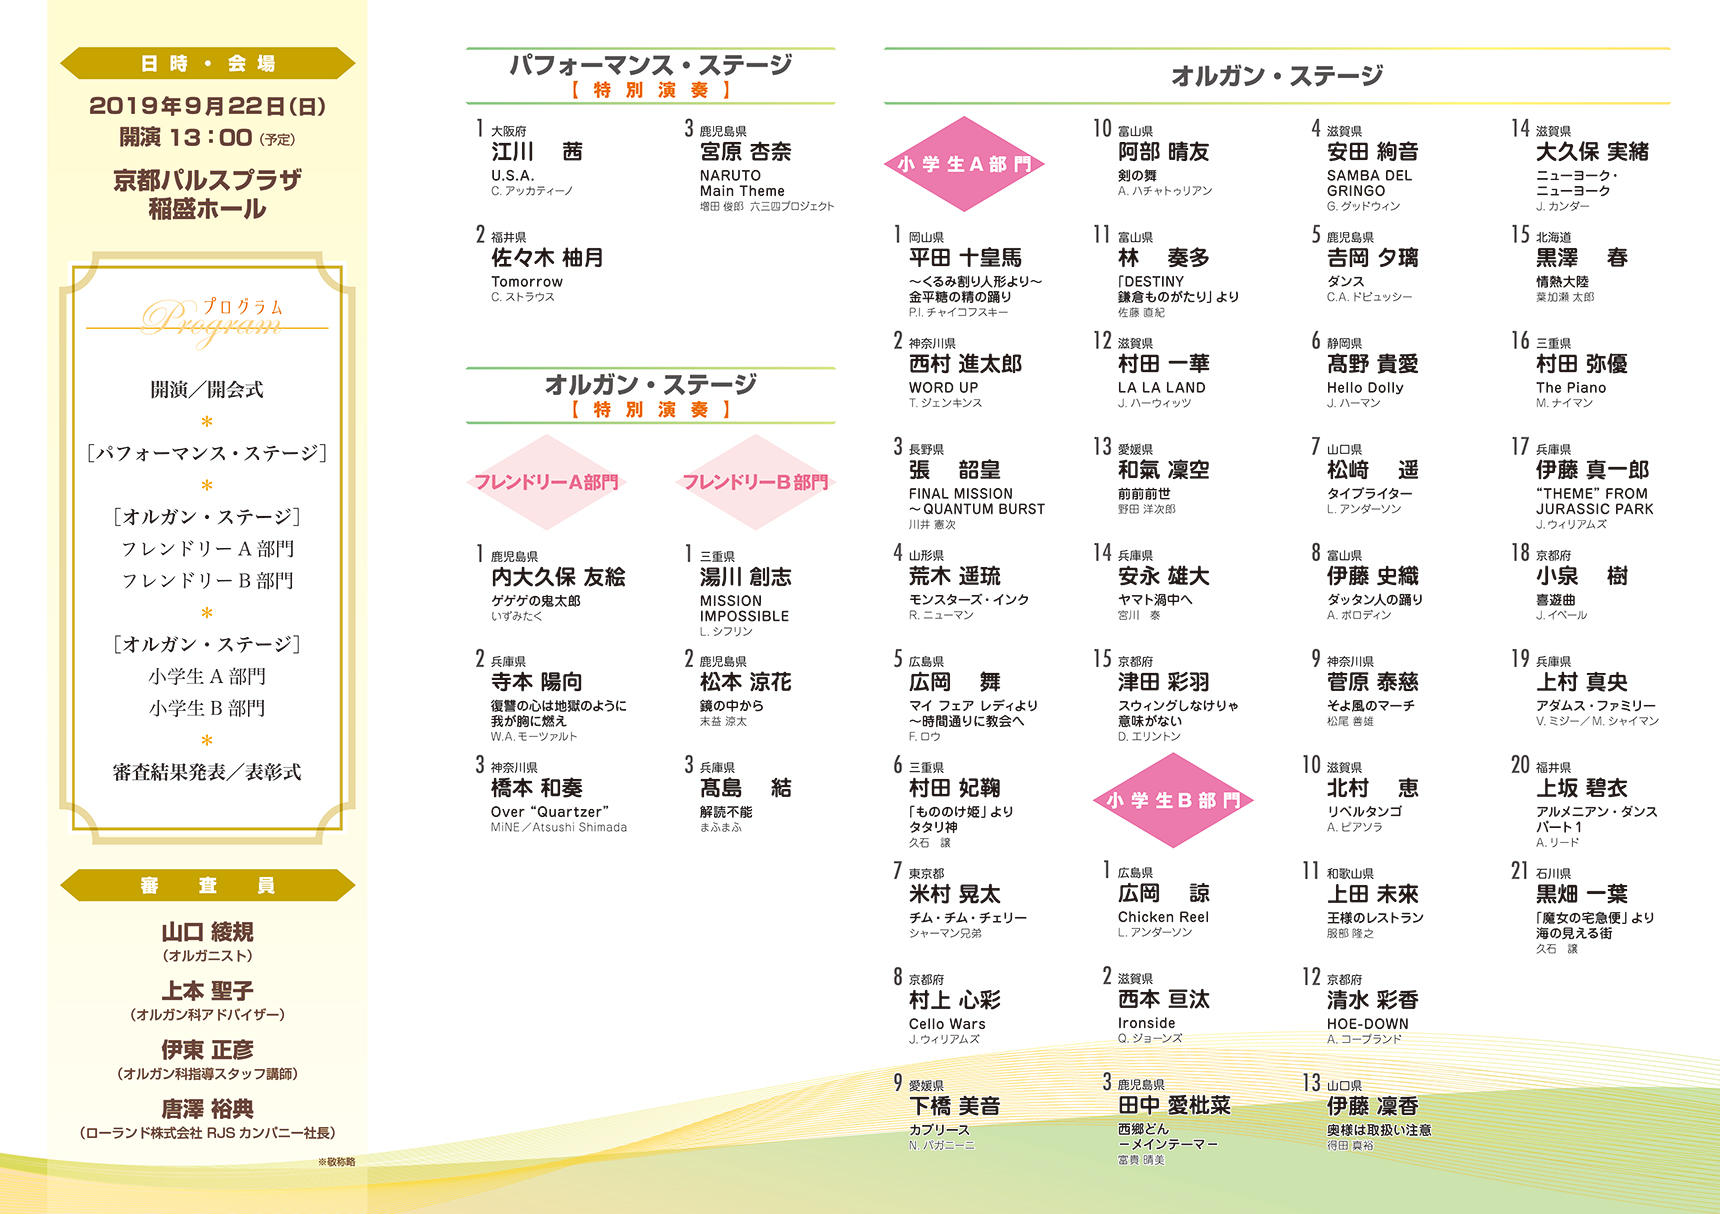 https://www.roland.co.jp/school/news/RF2019opProgram_0922.jpg